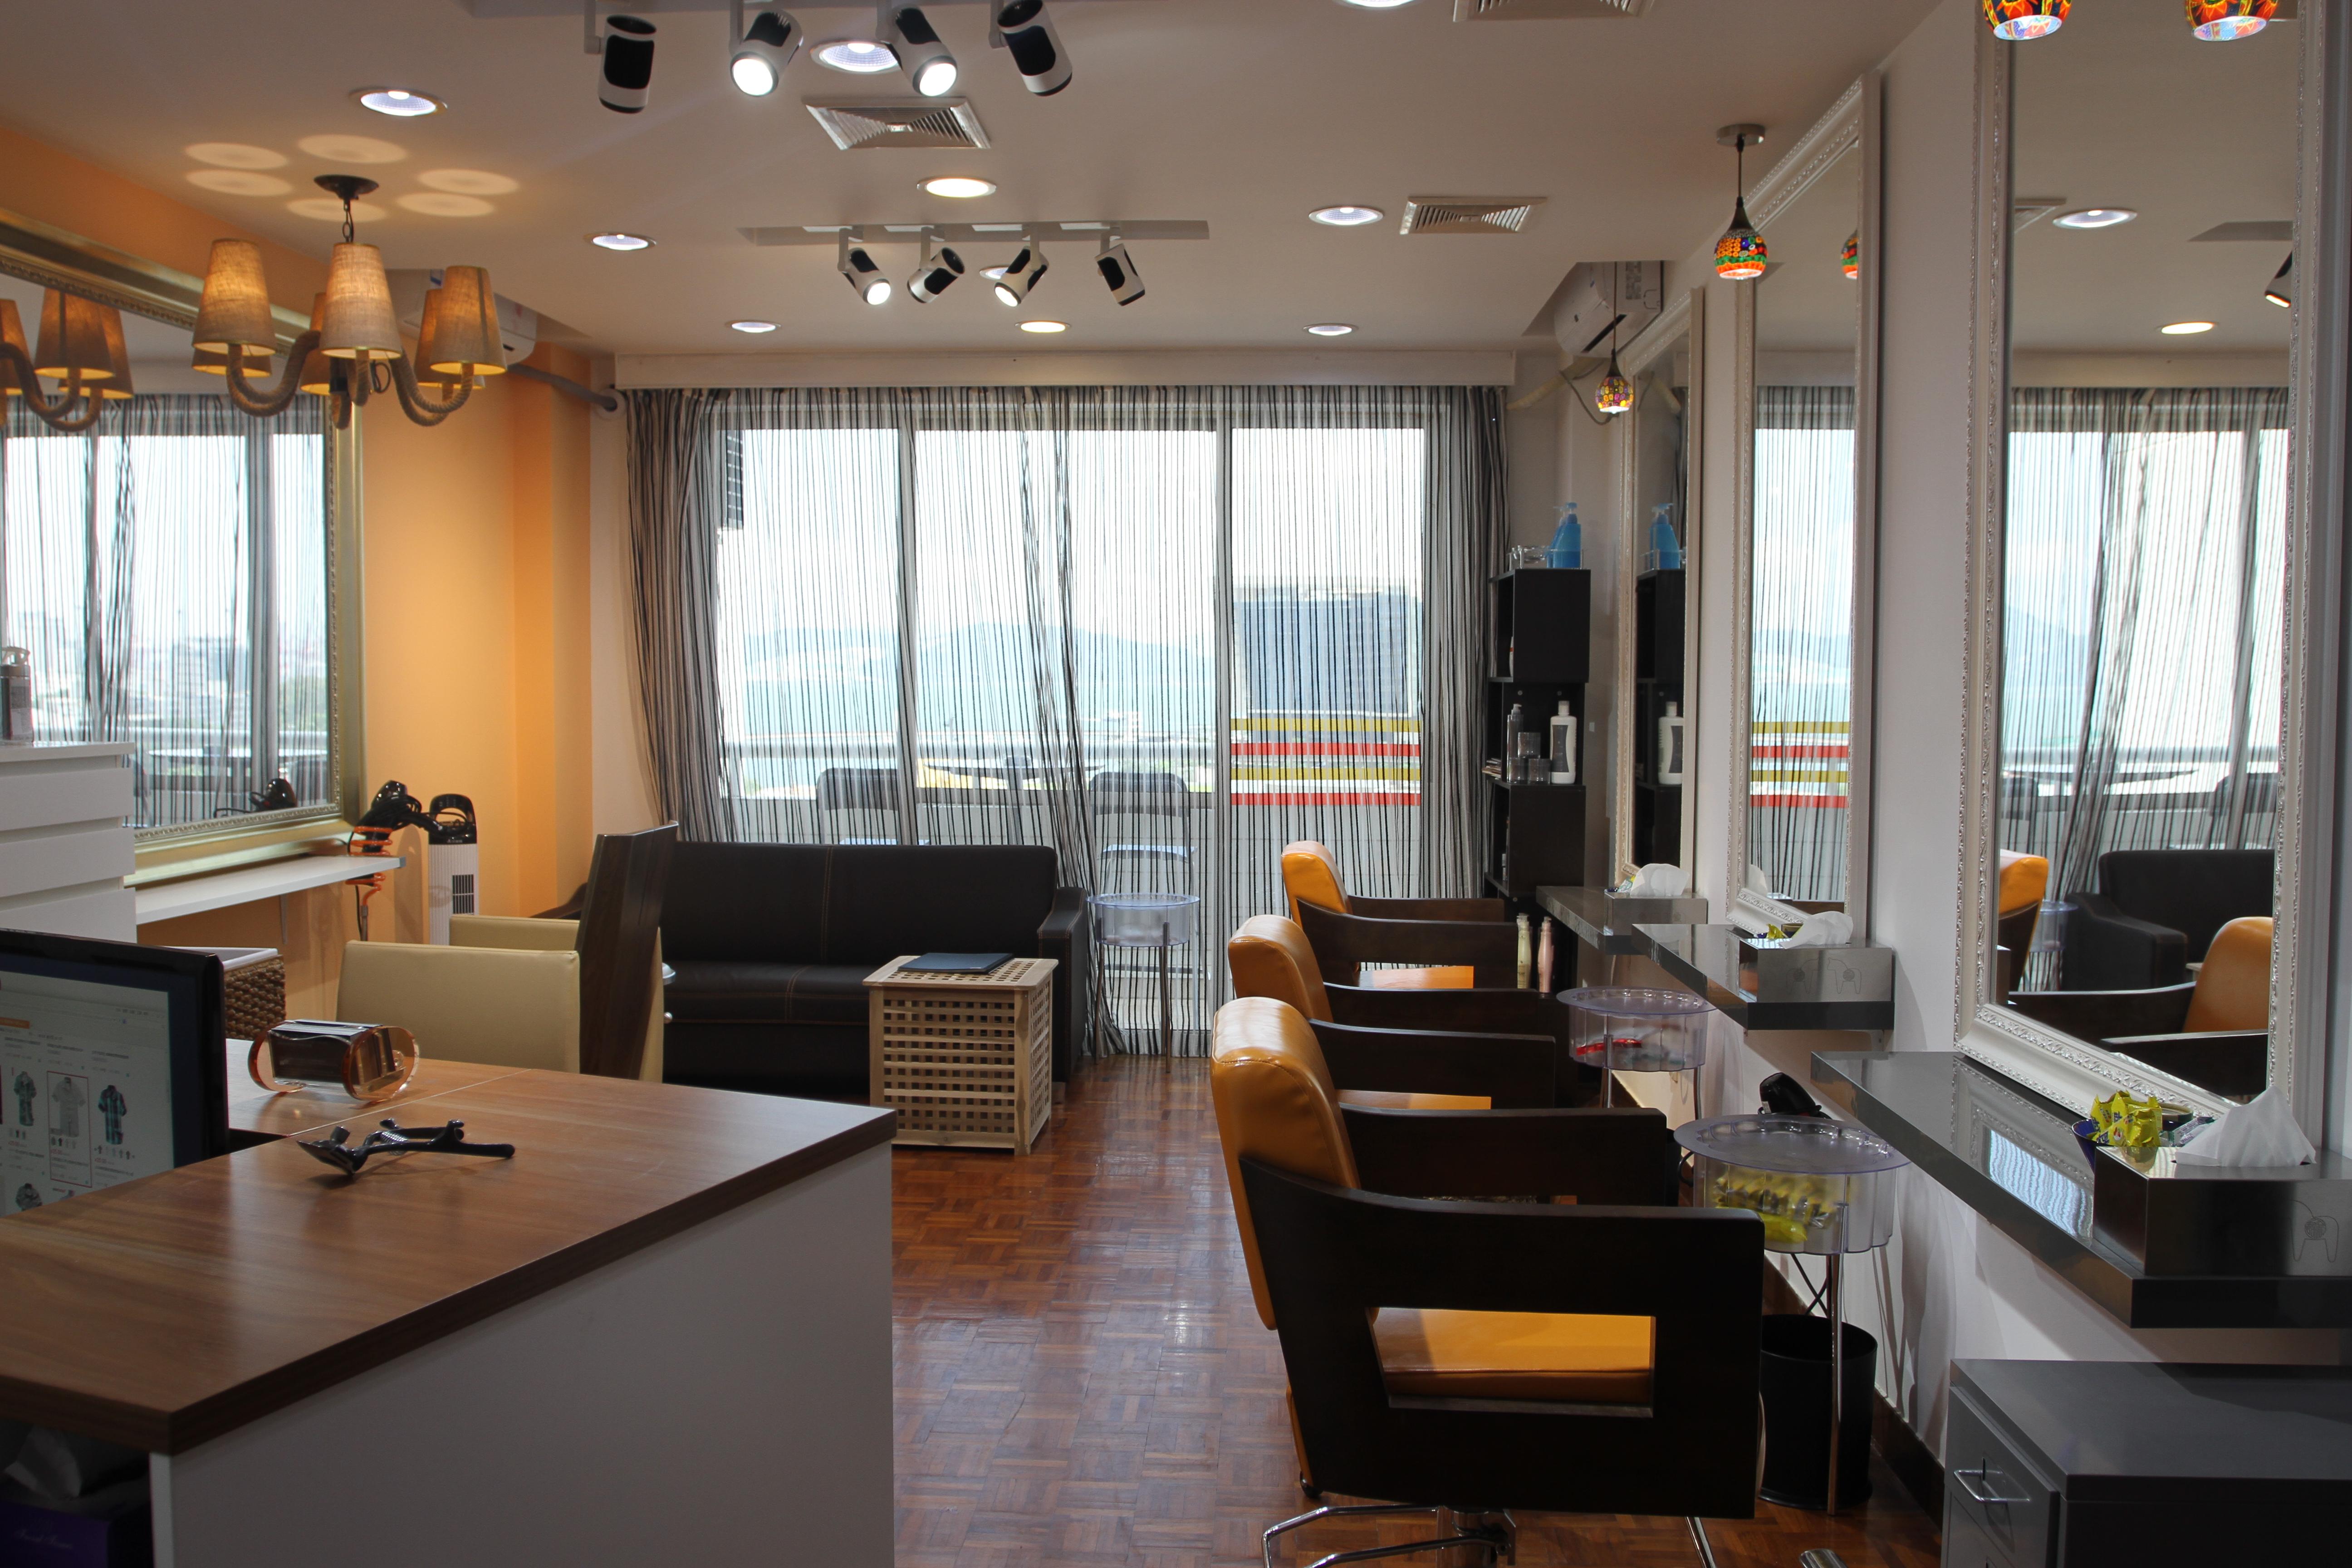 工作室环境-深圳唯思风尚形象设计顾问有限公司